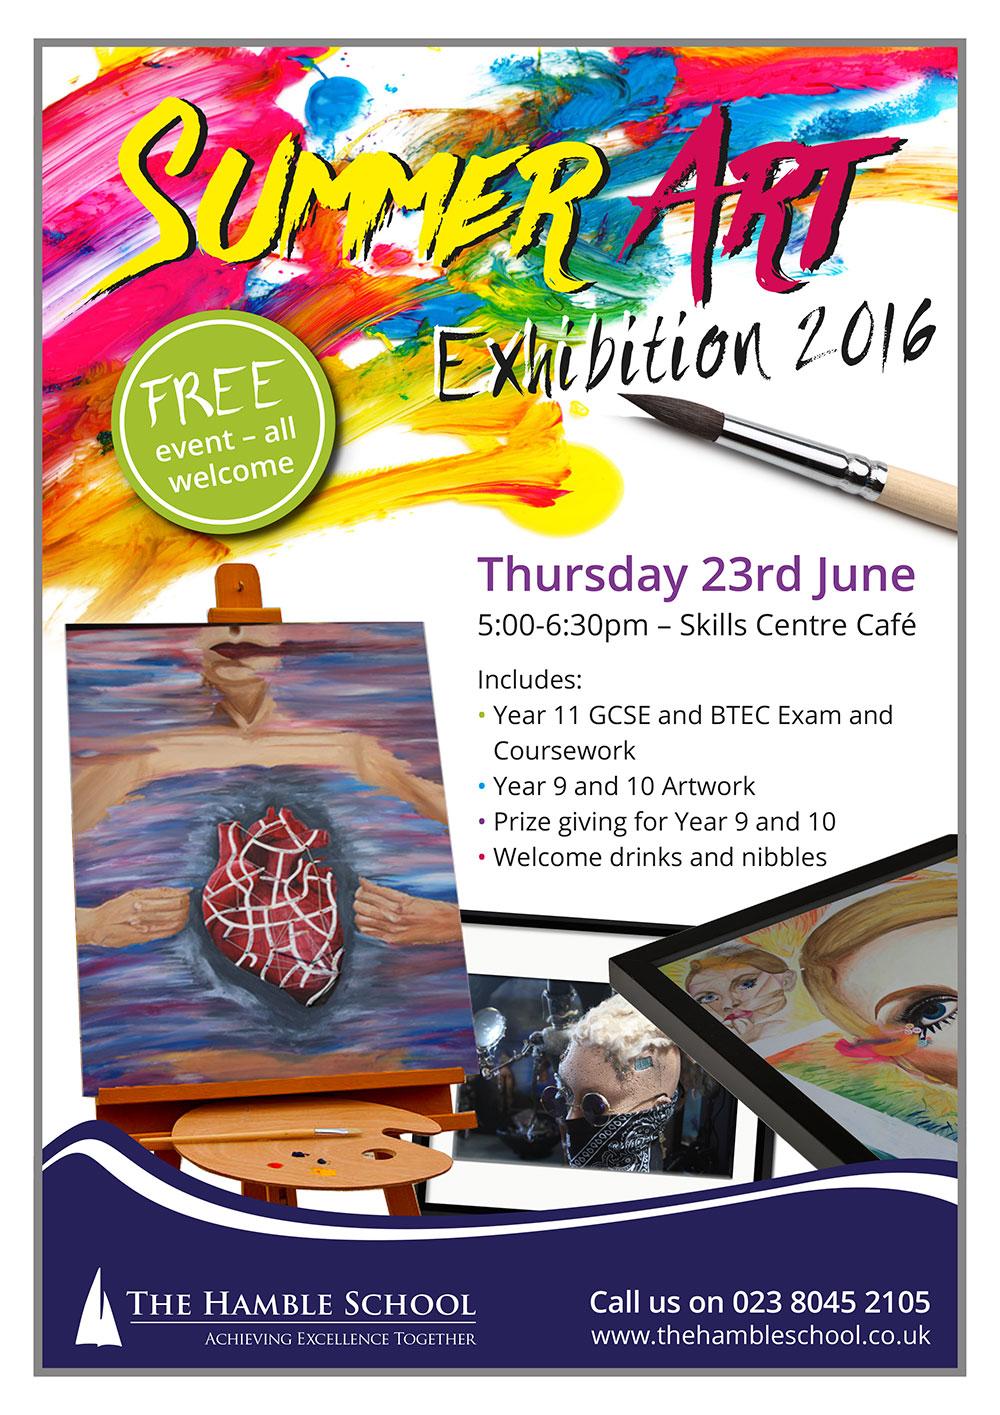 Summer Art Exhibition 2016